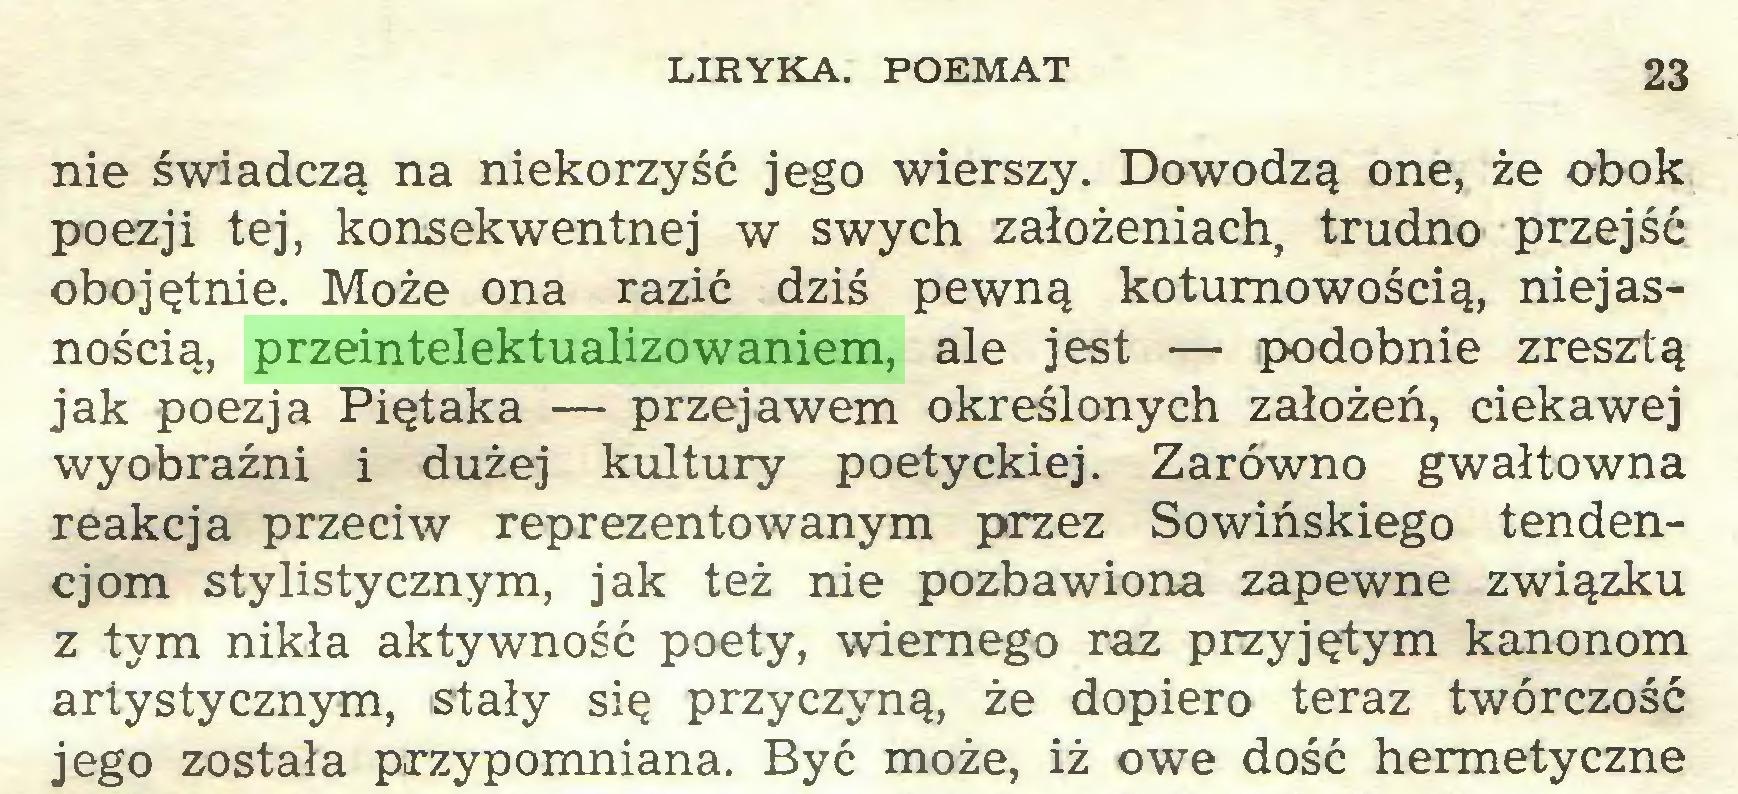 (...) LIRYKA. POEMAT 23 nie świadczą na niekorzyść jego wierszy. Dowodzą one, że obok poezji tej, konsekwentnej w swych założeniach, trudno przejść obojętnie. Może ona razić dziś pewną koturnowością, niejasnością, przeintelektualizowaniem, ale jest — podobnie zresztą jak poezja Piętaka — przejawem określonych założeń, ciekawej wyobraźni i dużej kultury poetyckiej. Zarówno gwałtowna reakcja przeciw reprezentowanym przez Sowińskiego tendencjom stylistycznym, jak też nie pozbawiona zapewne związku z tym nikła aktywność poety, wiernego raz przyjętym kanonom artystycznym, stały się przyczyną, że dopiero teraz twórczość jego została przypomniana. Być może, iż owe dość hermetyczne...